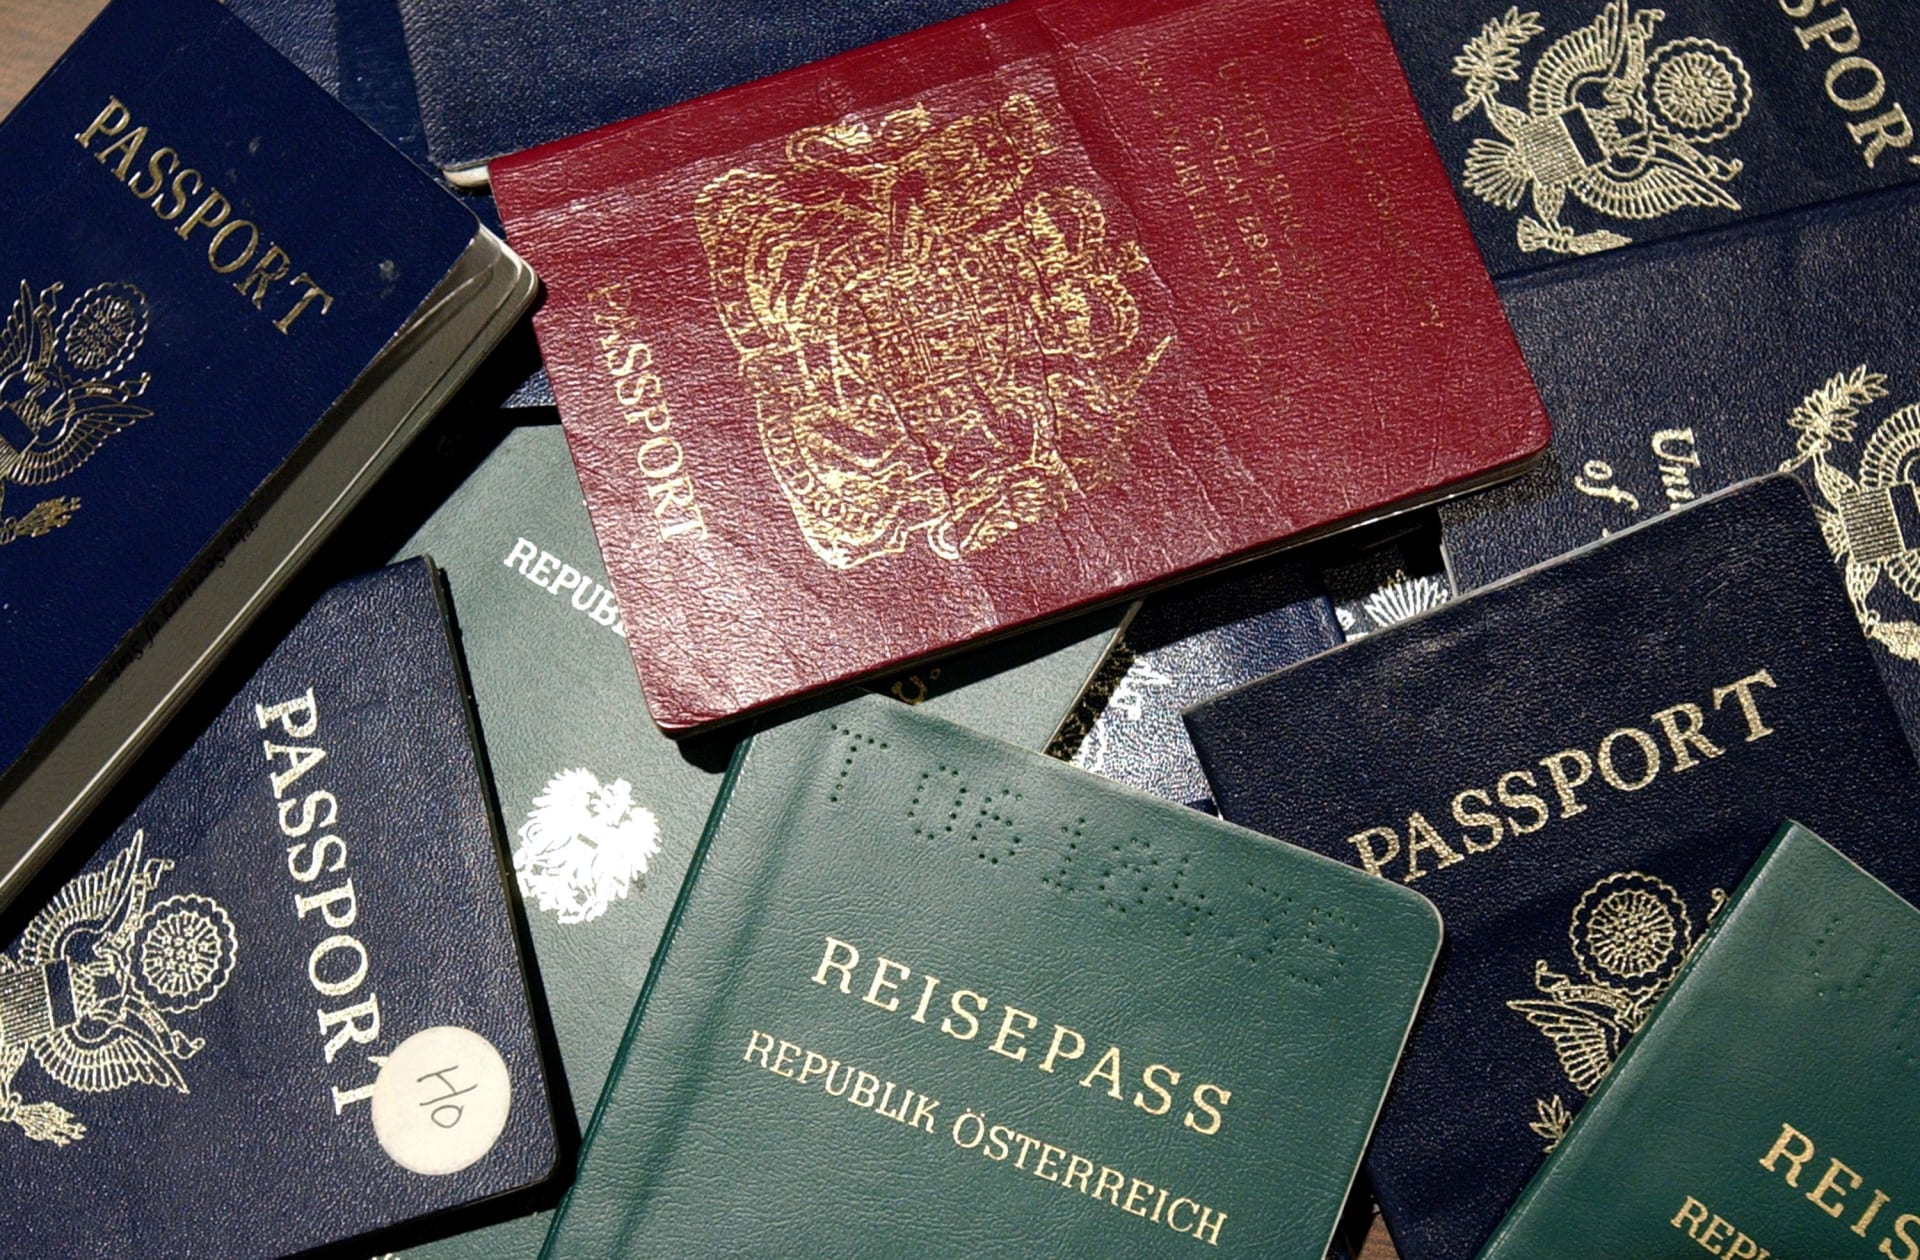 شراء جوازات السفر.. كيف يتعامل النخبة والأثرياء مع جائحة فيروس كورونا؟